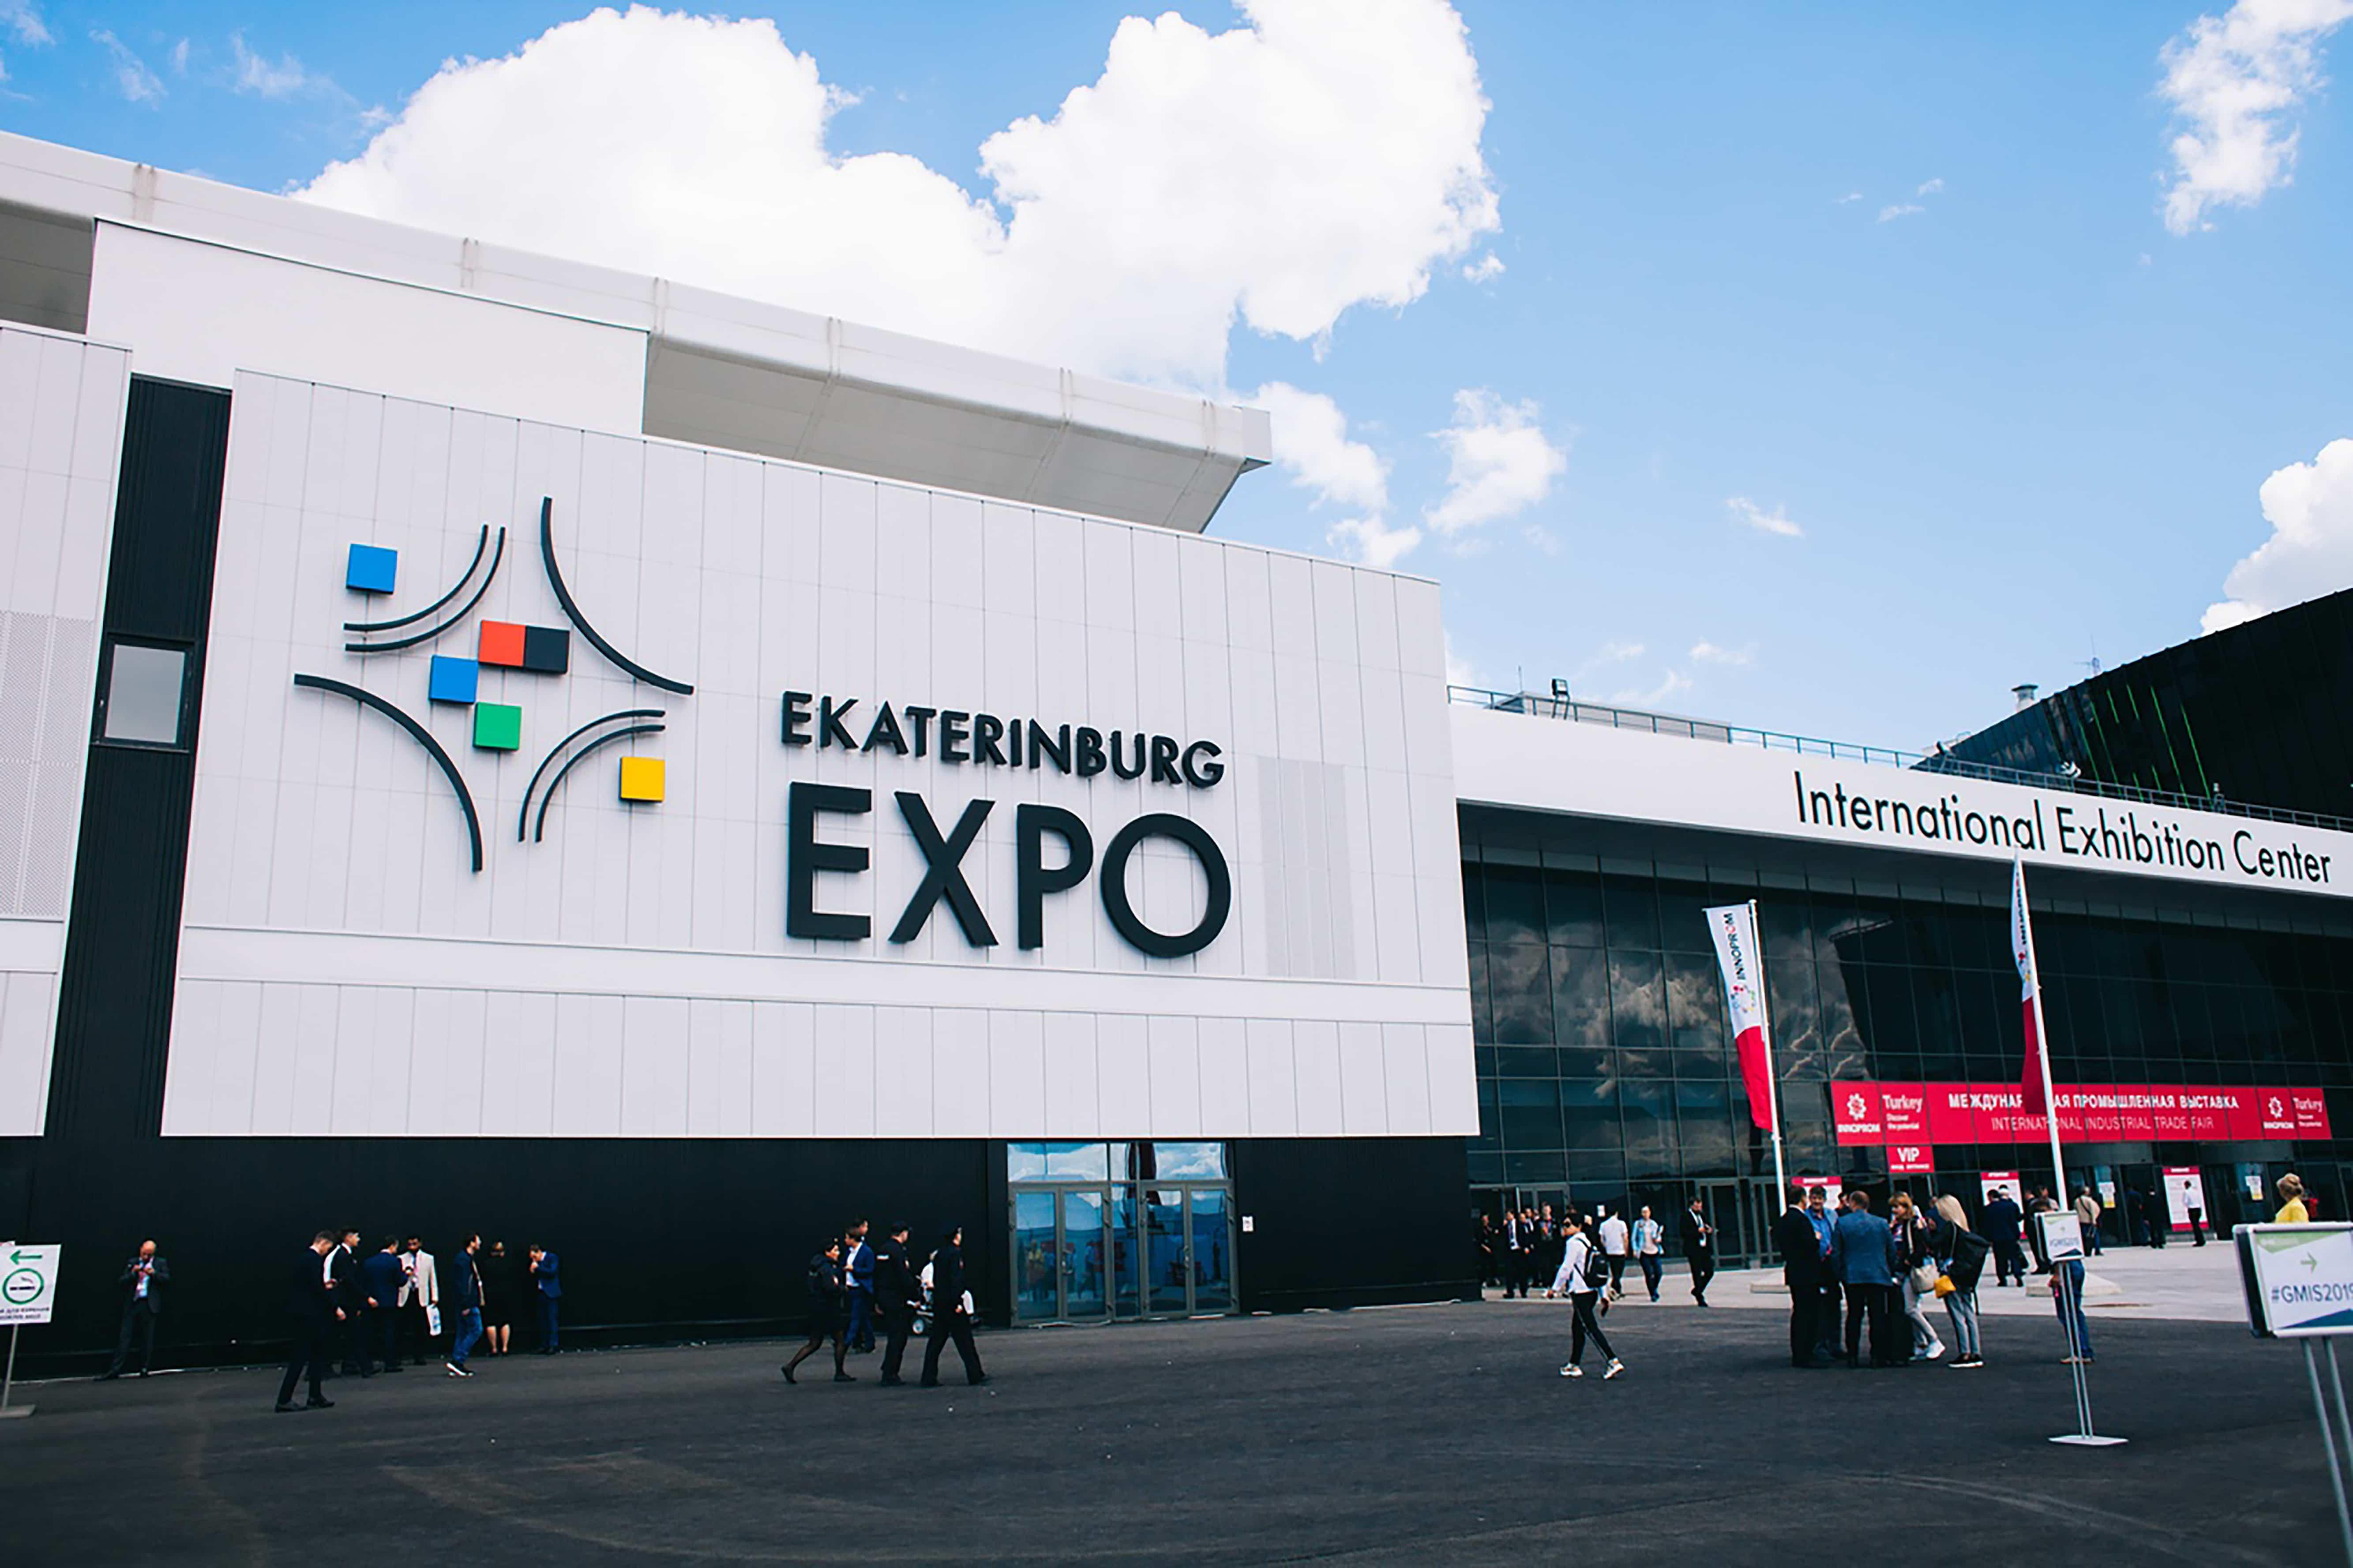 ekaterinburg_expo